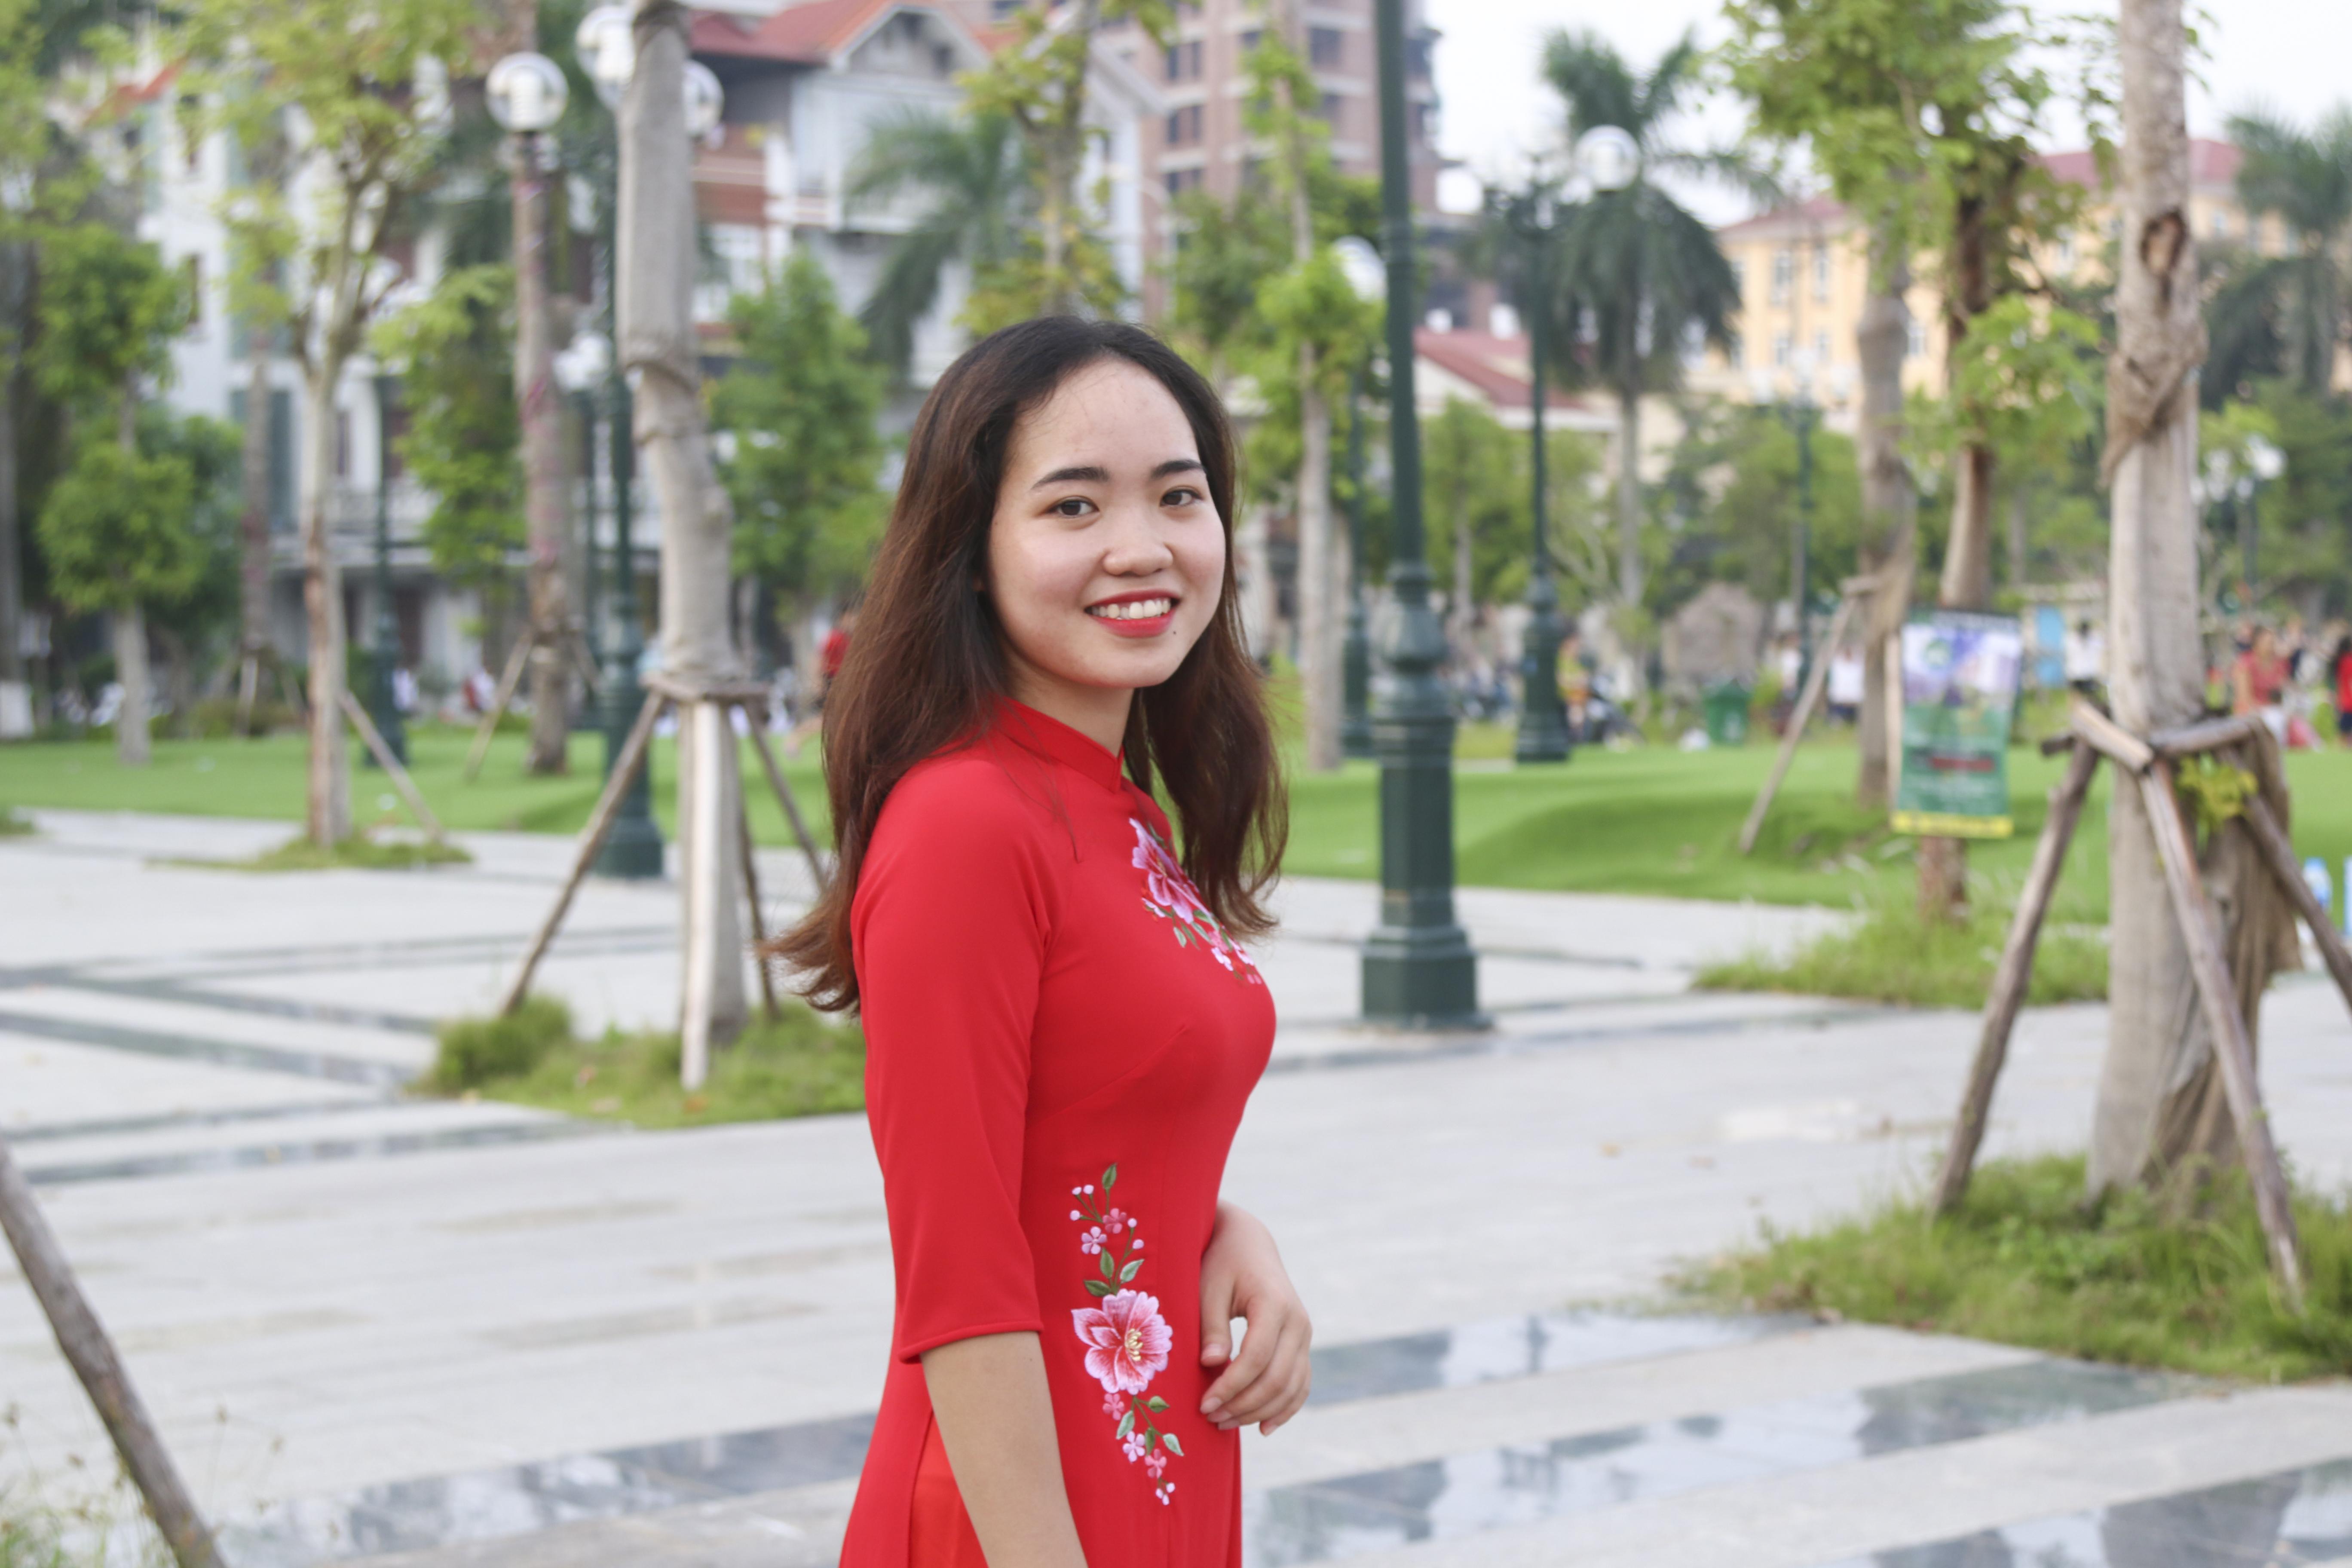 Nguyễn Thị Thảo - giao dịch viên quầy Từ Sơn chi nhánh Bắc Ninhđược nhiều người yêu mến bởi tính cách thân thiện, hòa đồng và đặc biệt là nụ cười tươi như nắng tỏa mùa thu.